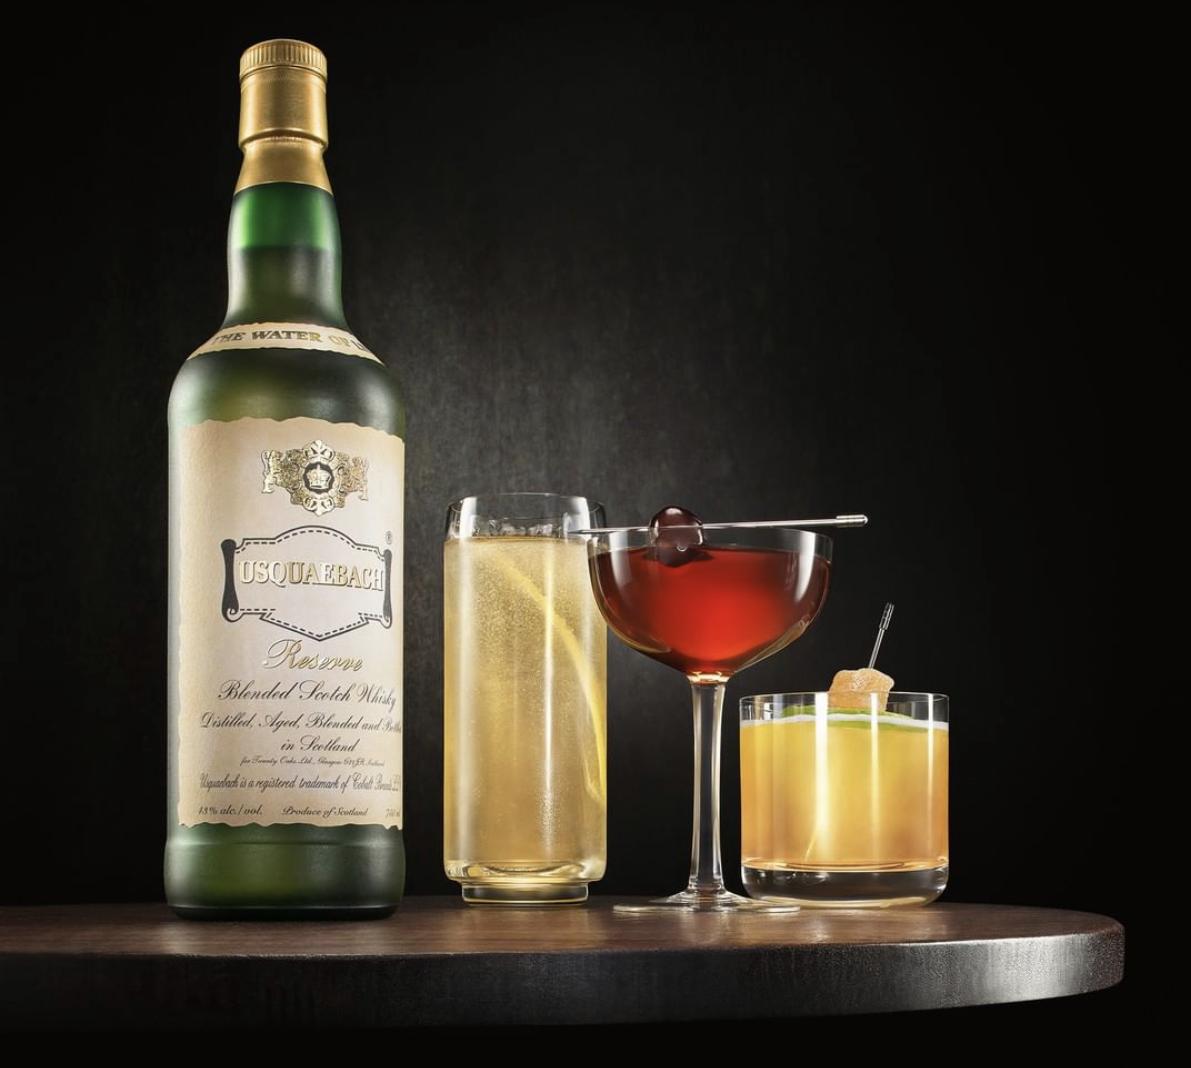 Usquaebach Scotch Whisky | Yechiel Orgel